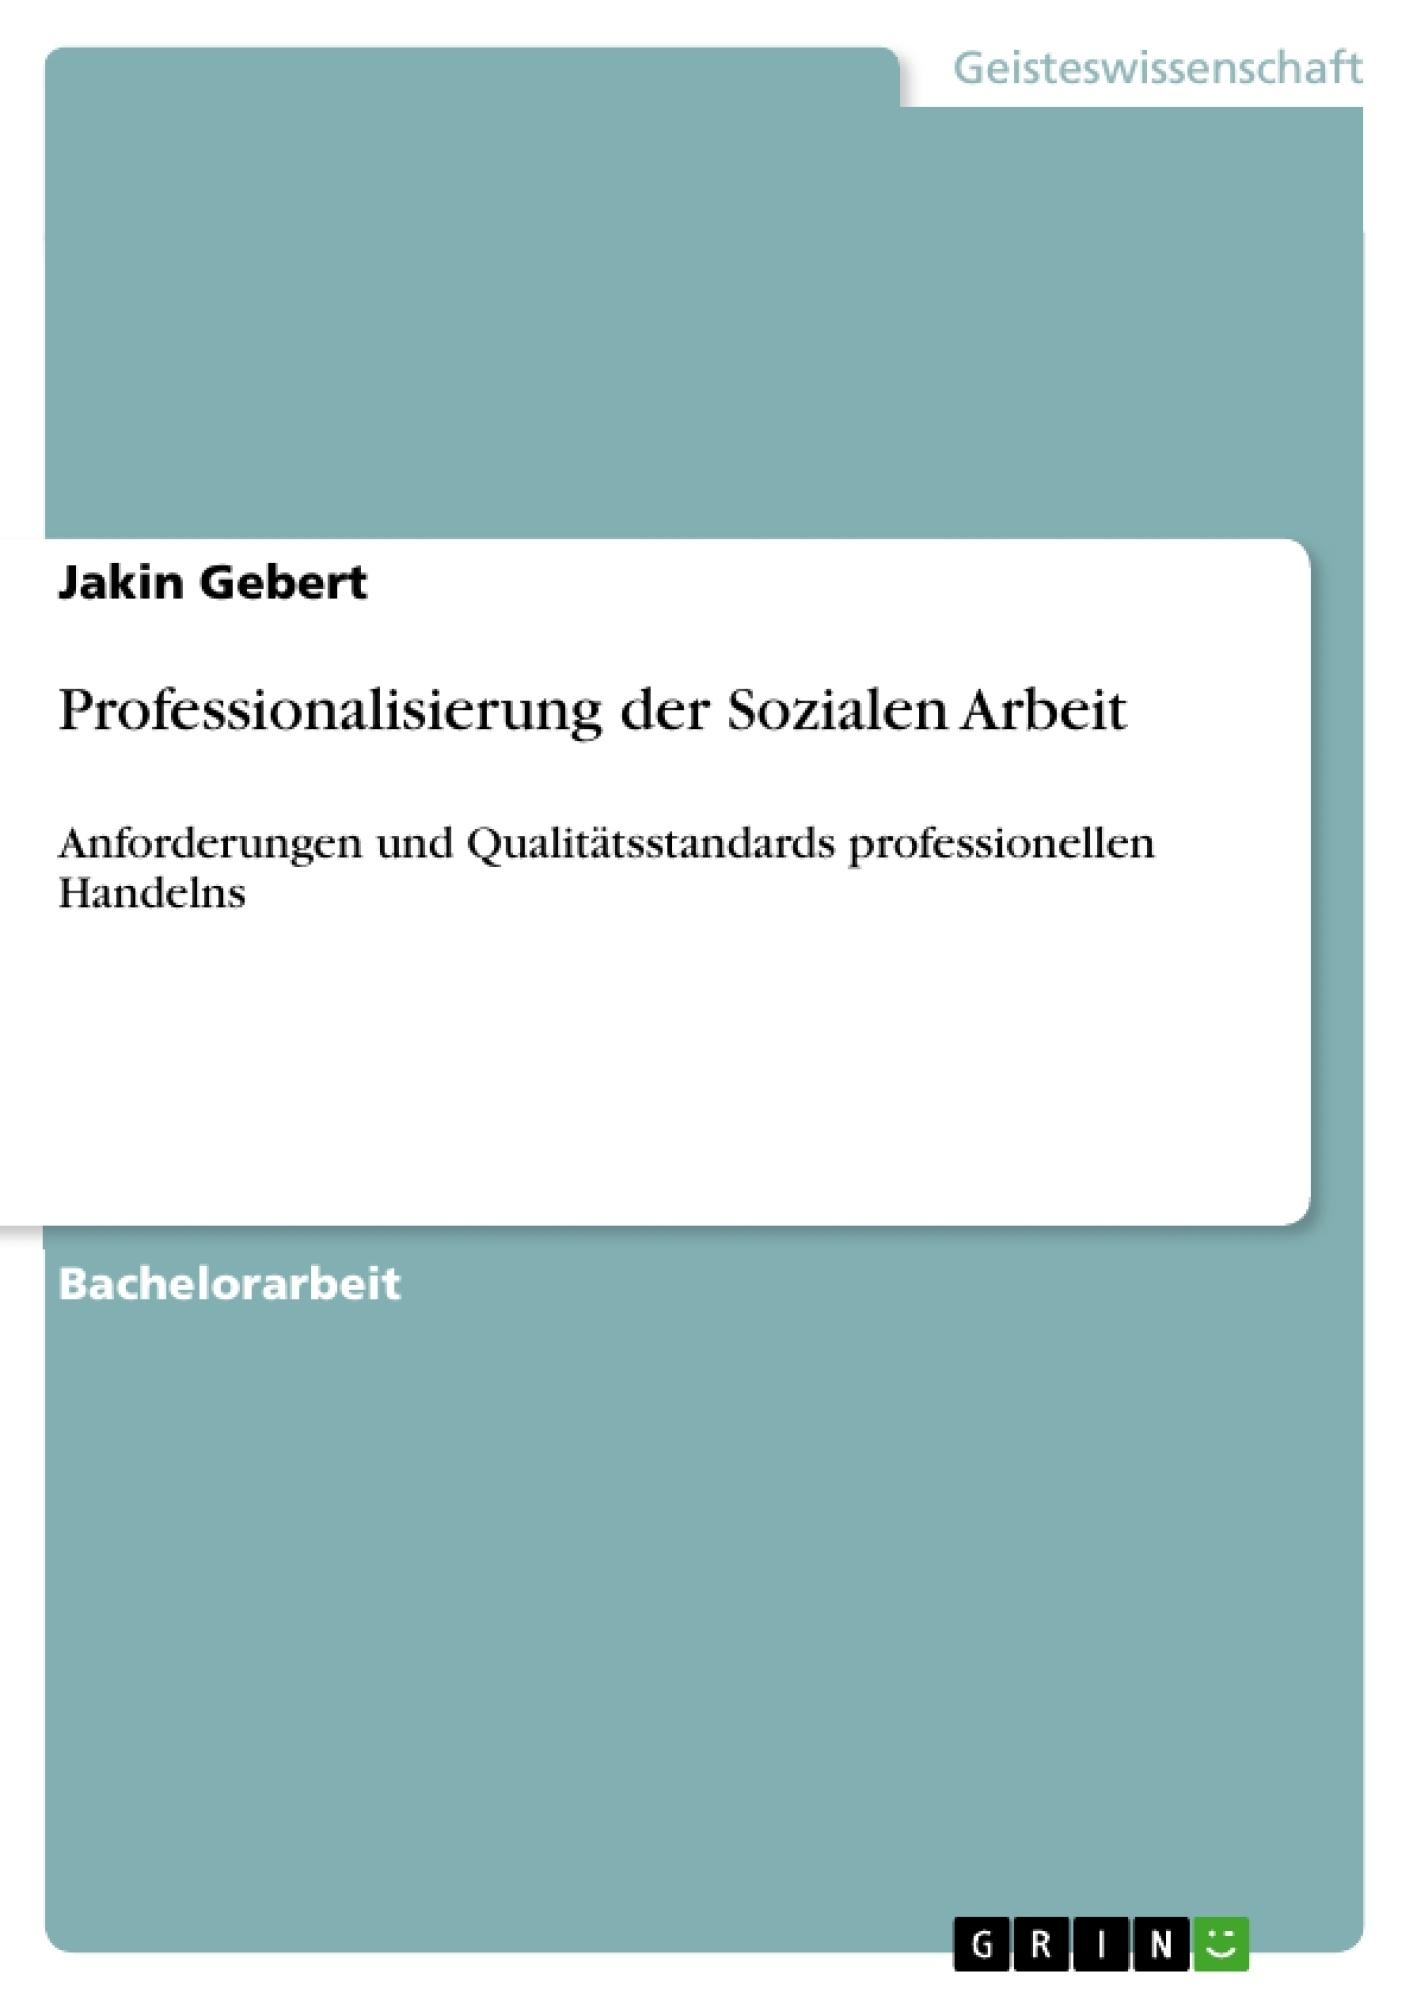 Titel: Professionalisierung der Sozialen Arbeit